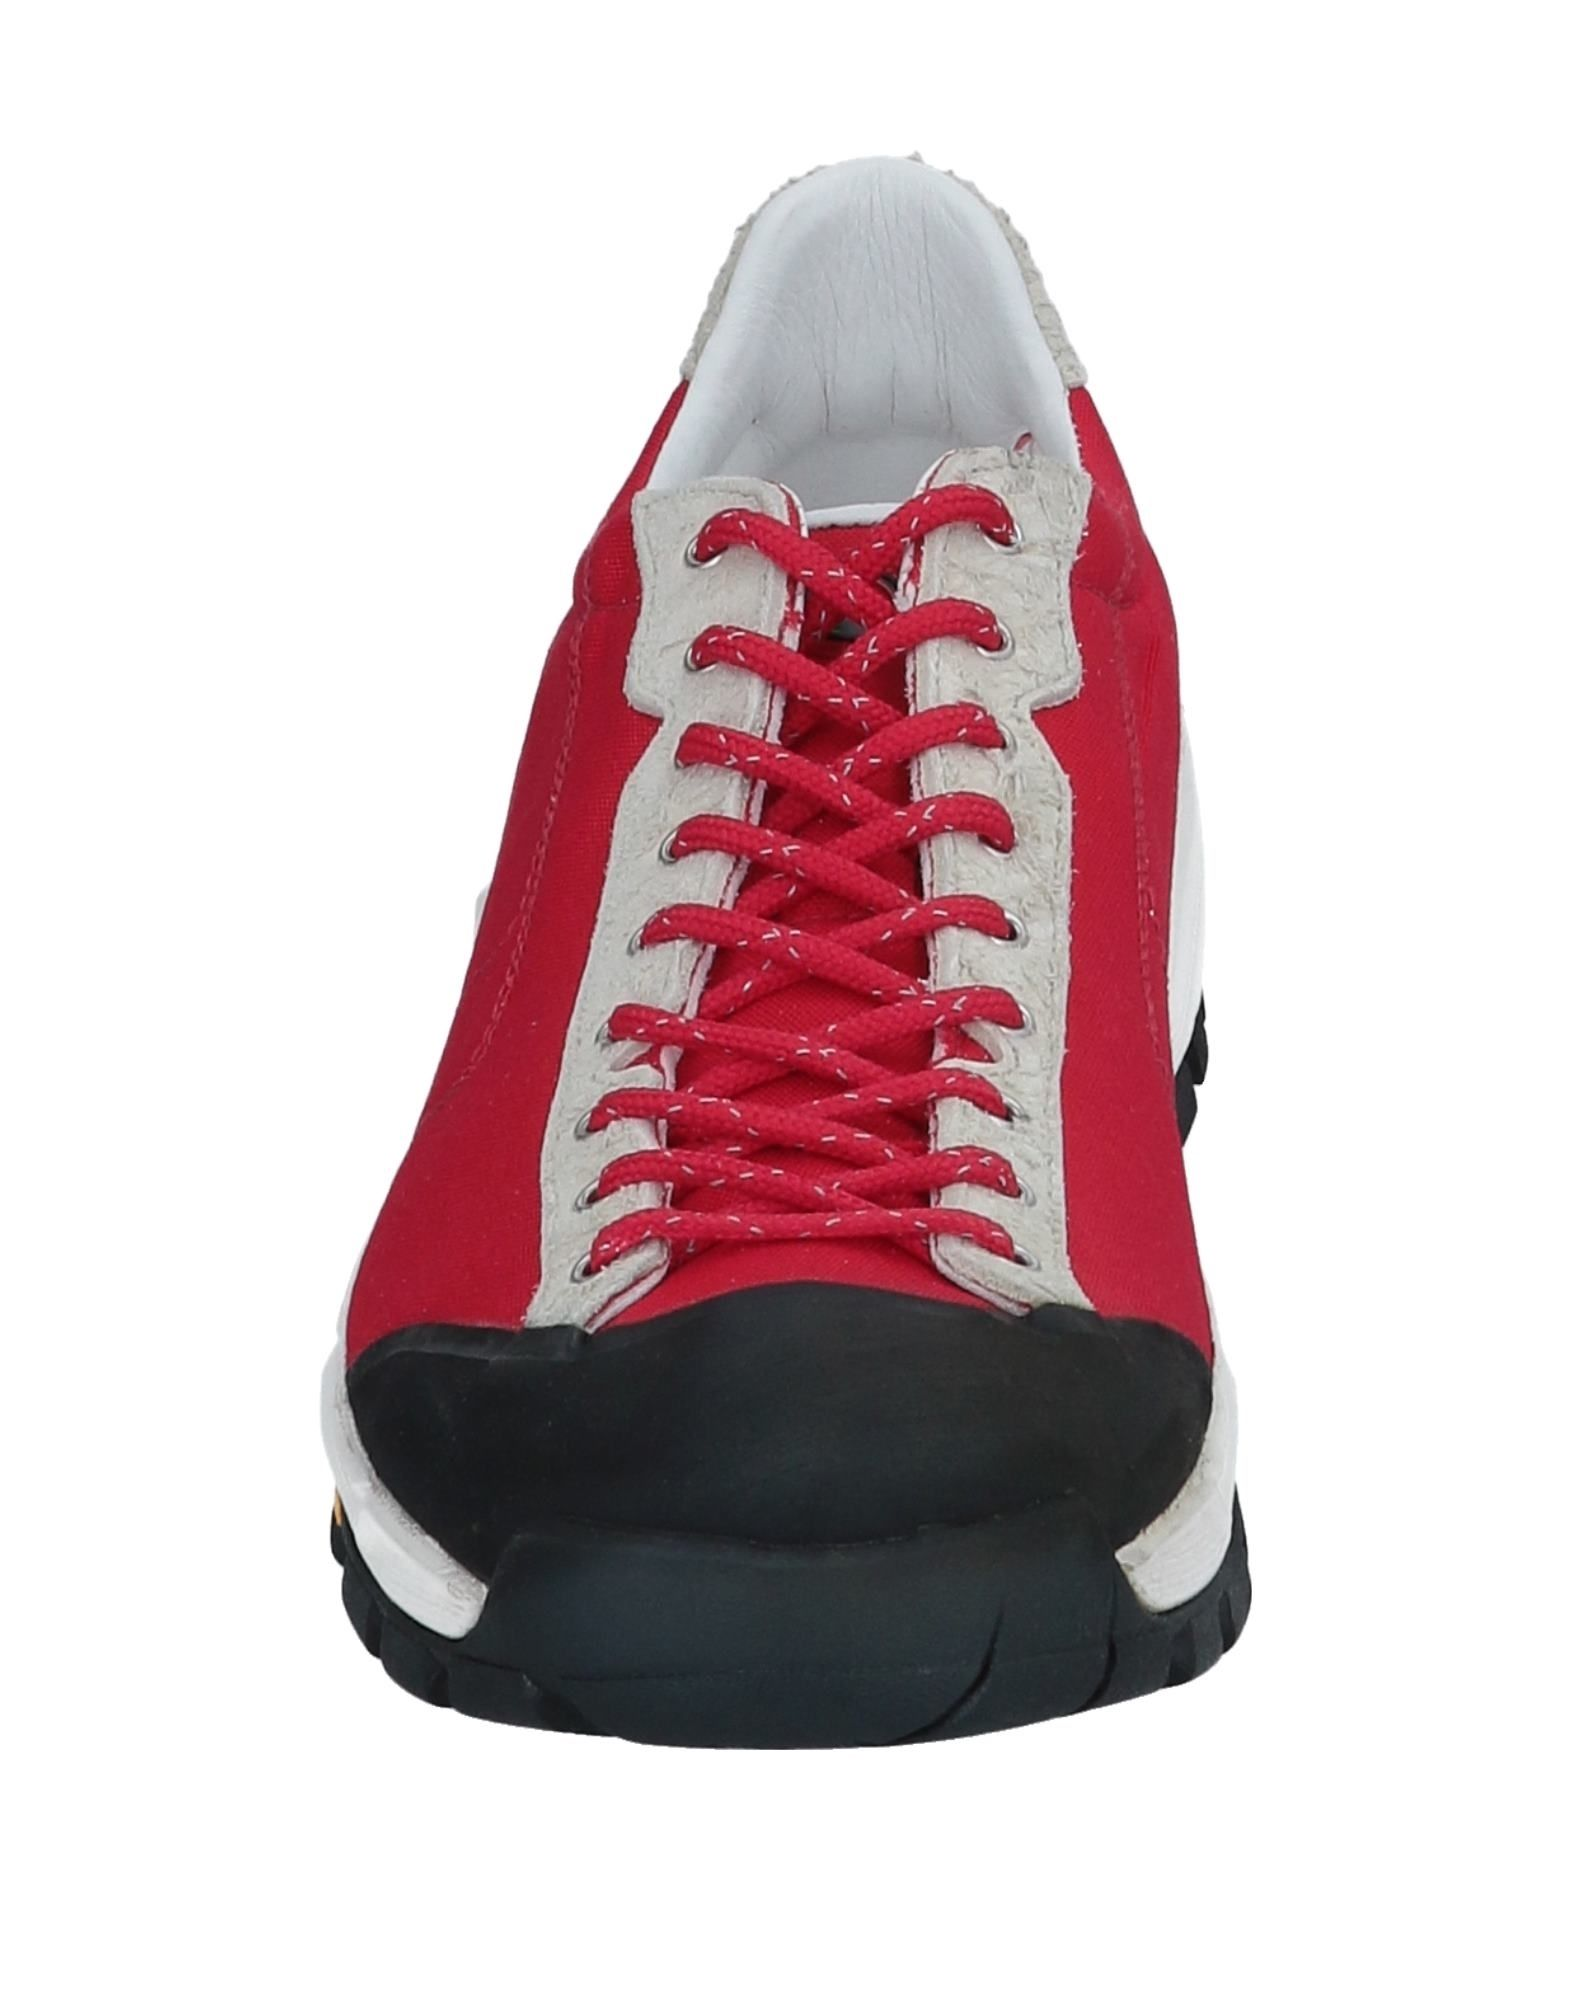 Diemme Sneakers Herren  11500573II Gute Qualität beliebte Schuhe